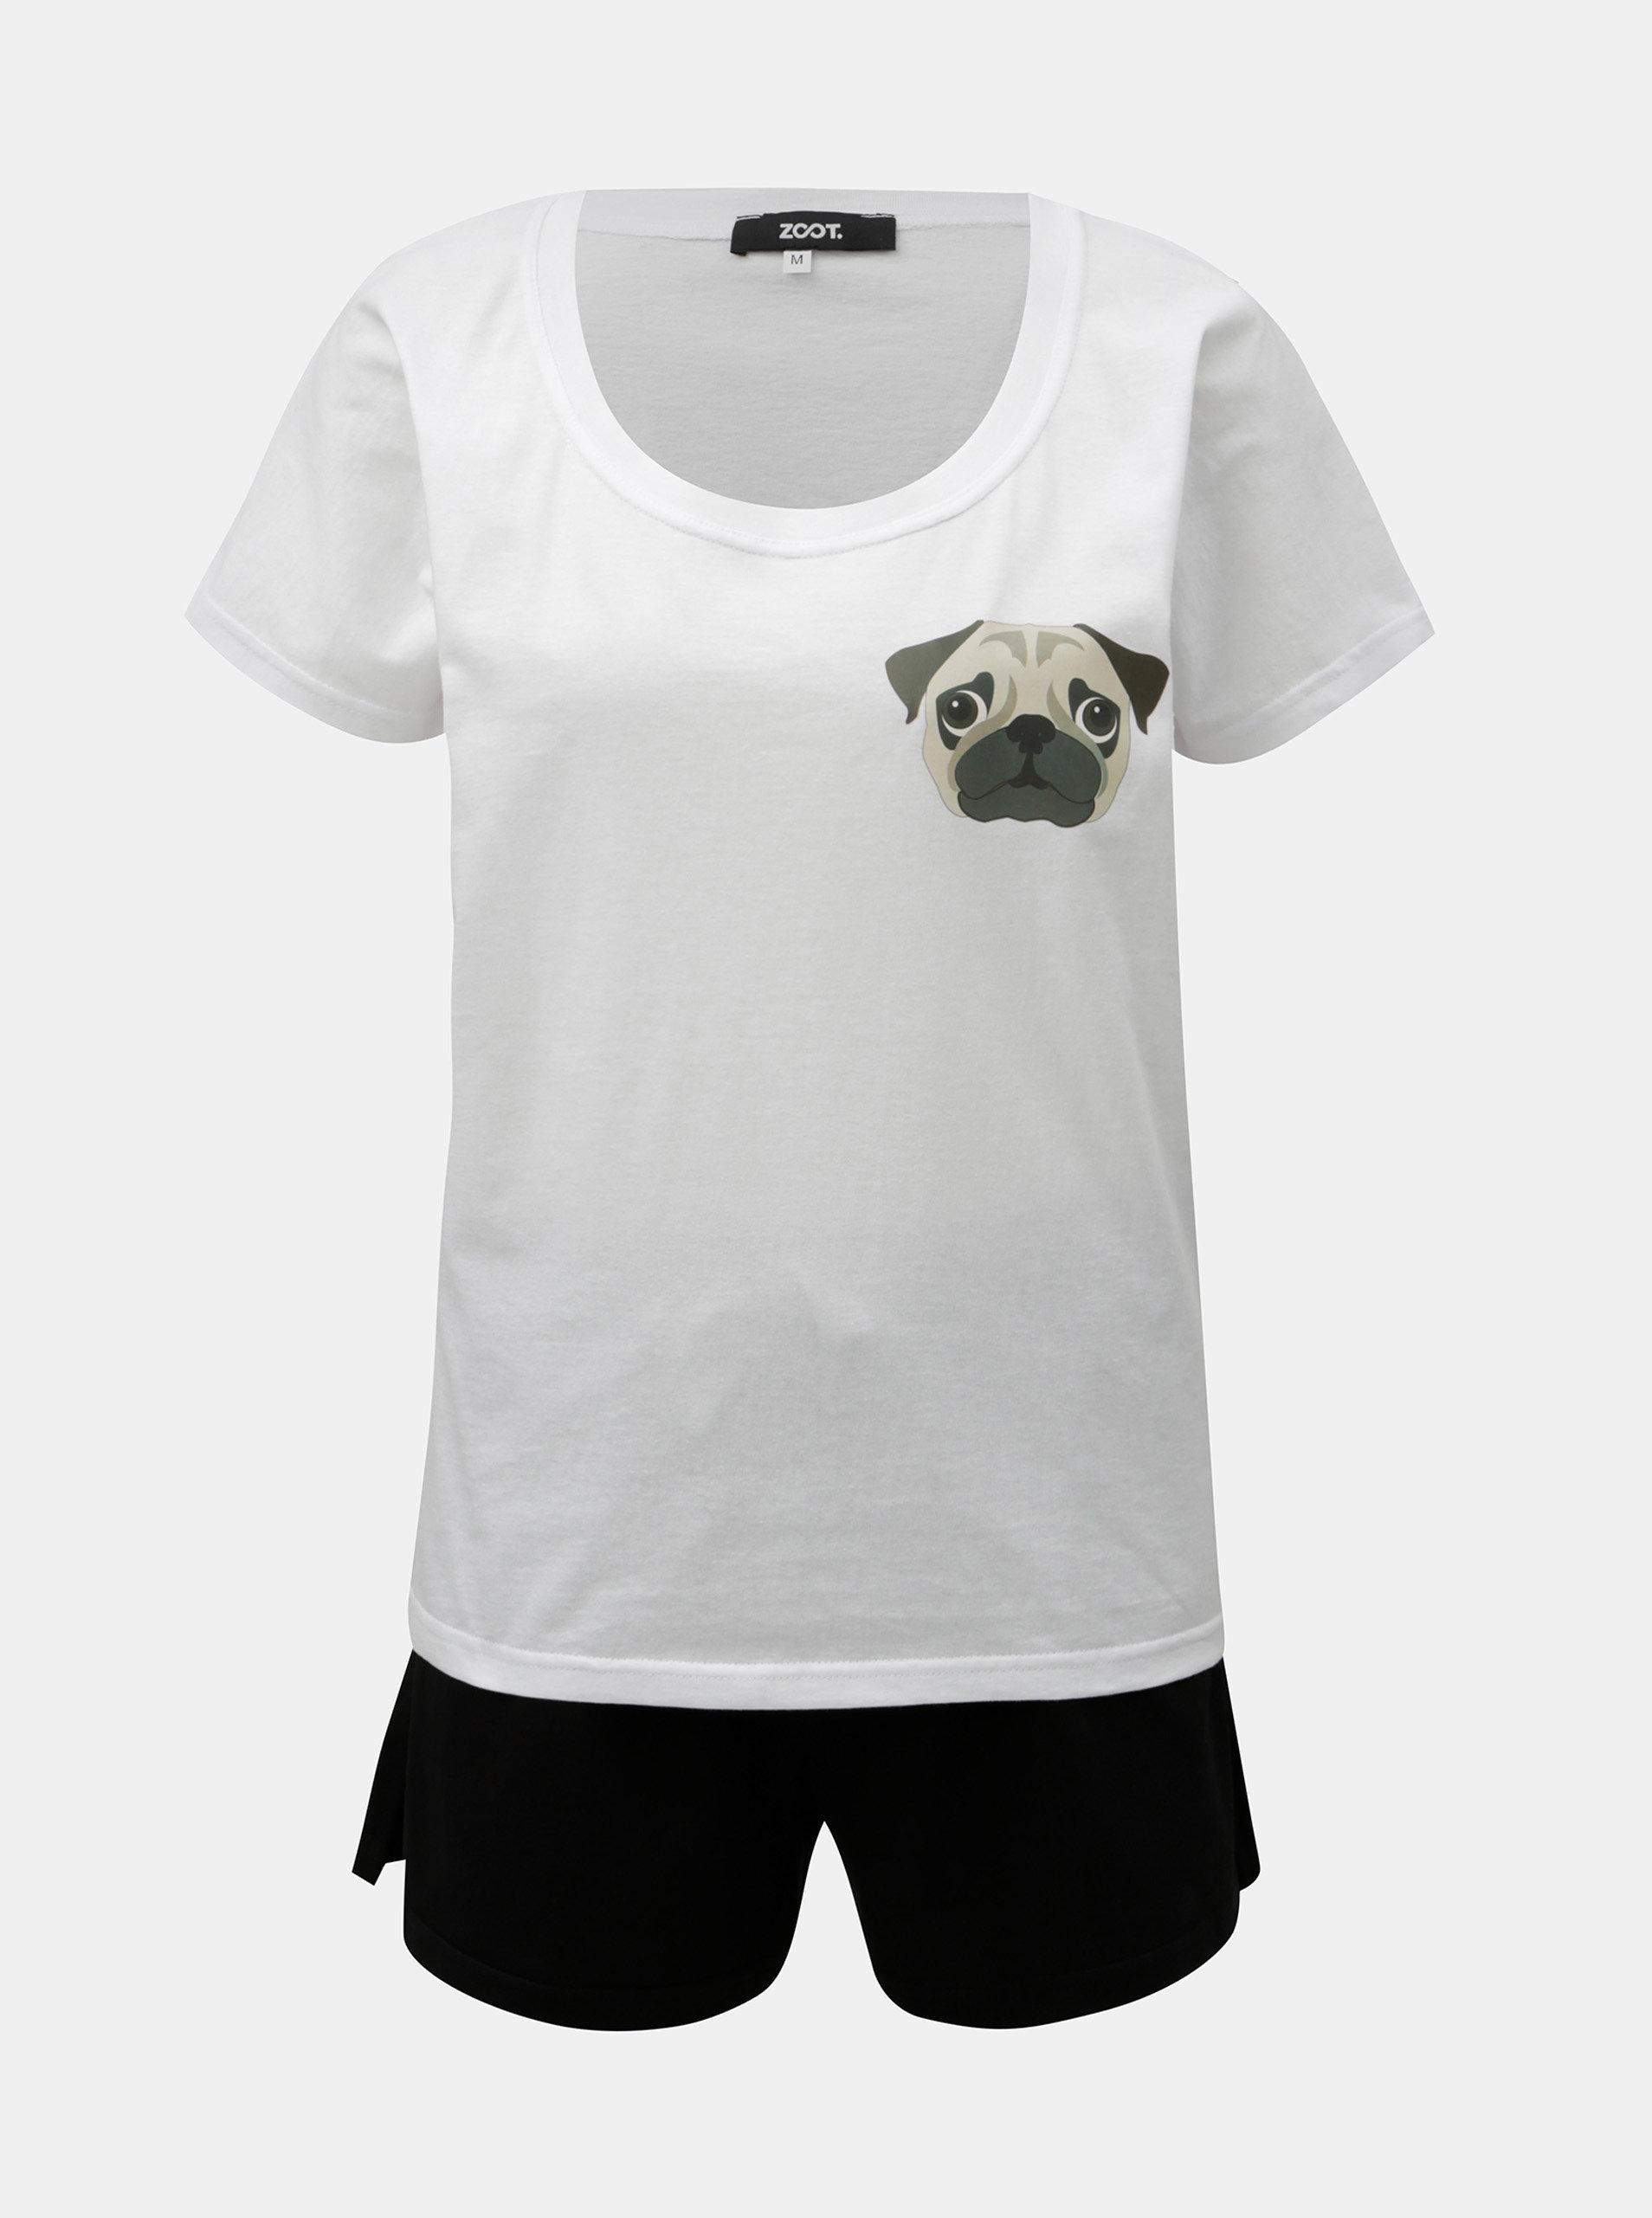 8da36f028f7 Černo-bílé dámské dvoudílné pyžamo s potiskem ZOOT Mops ...